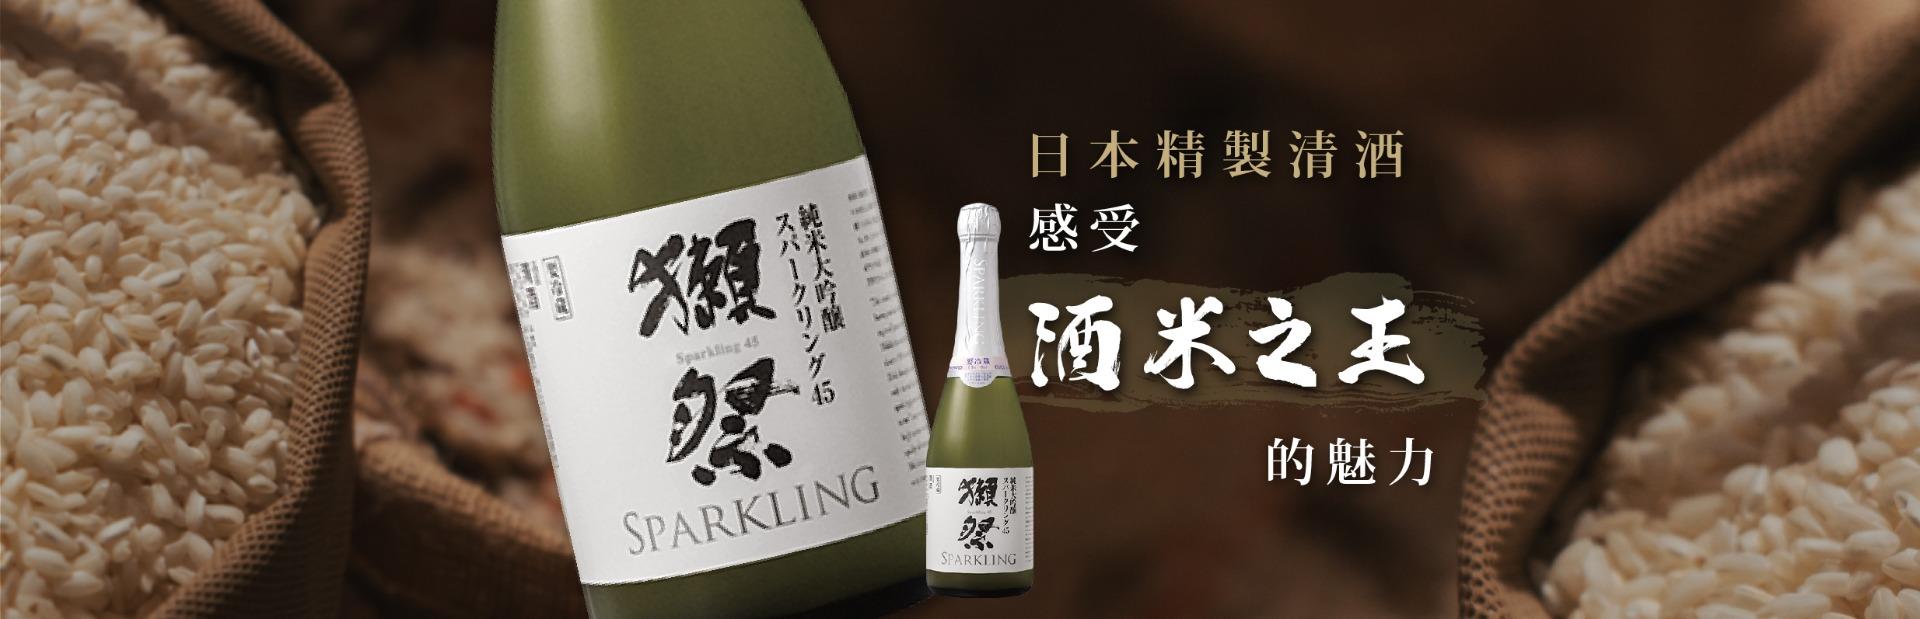 日本版的香檳 - 清酒的全新演繹